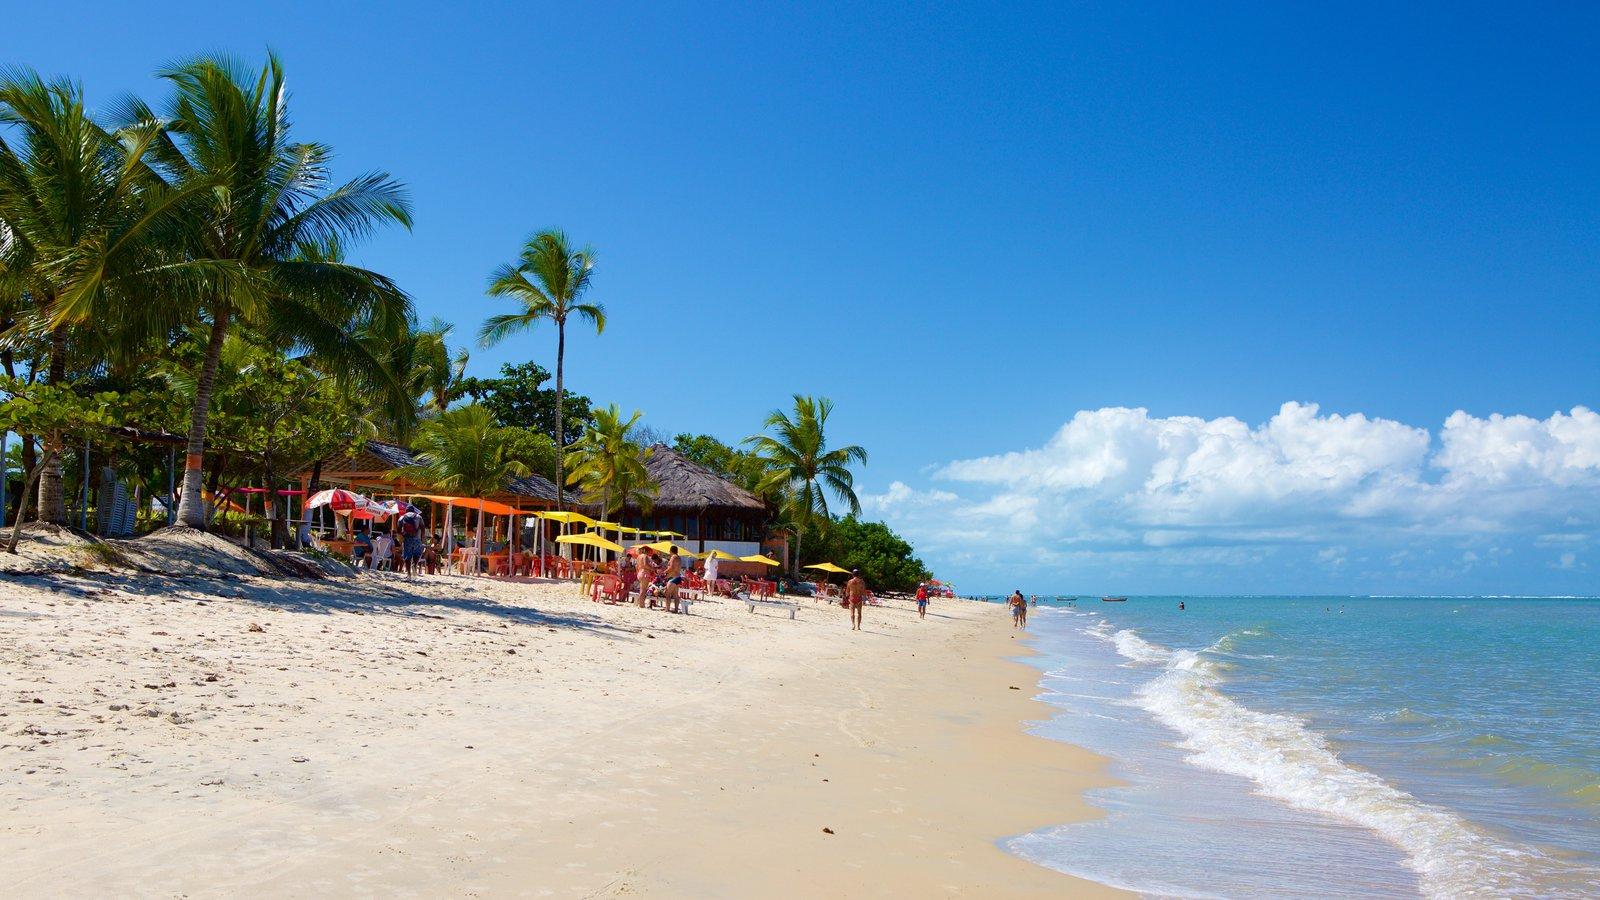 Praia do Mutá mostrando paisagens litorâneas, uma praia e cenas tropicais